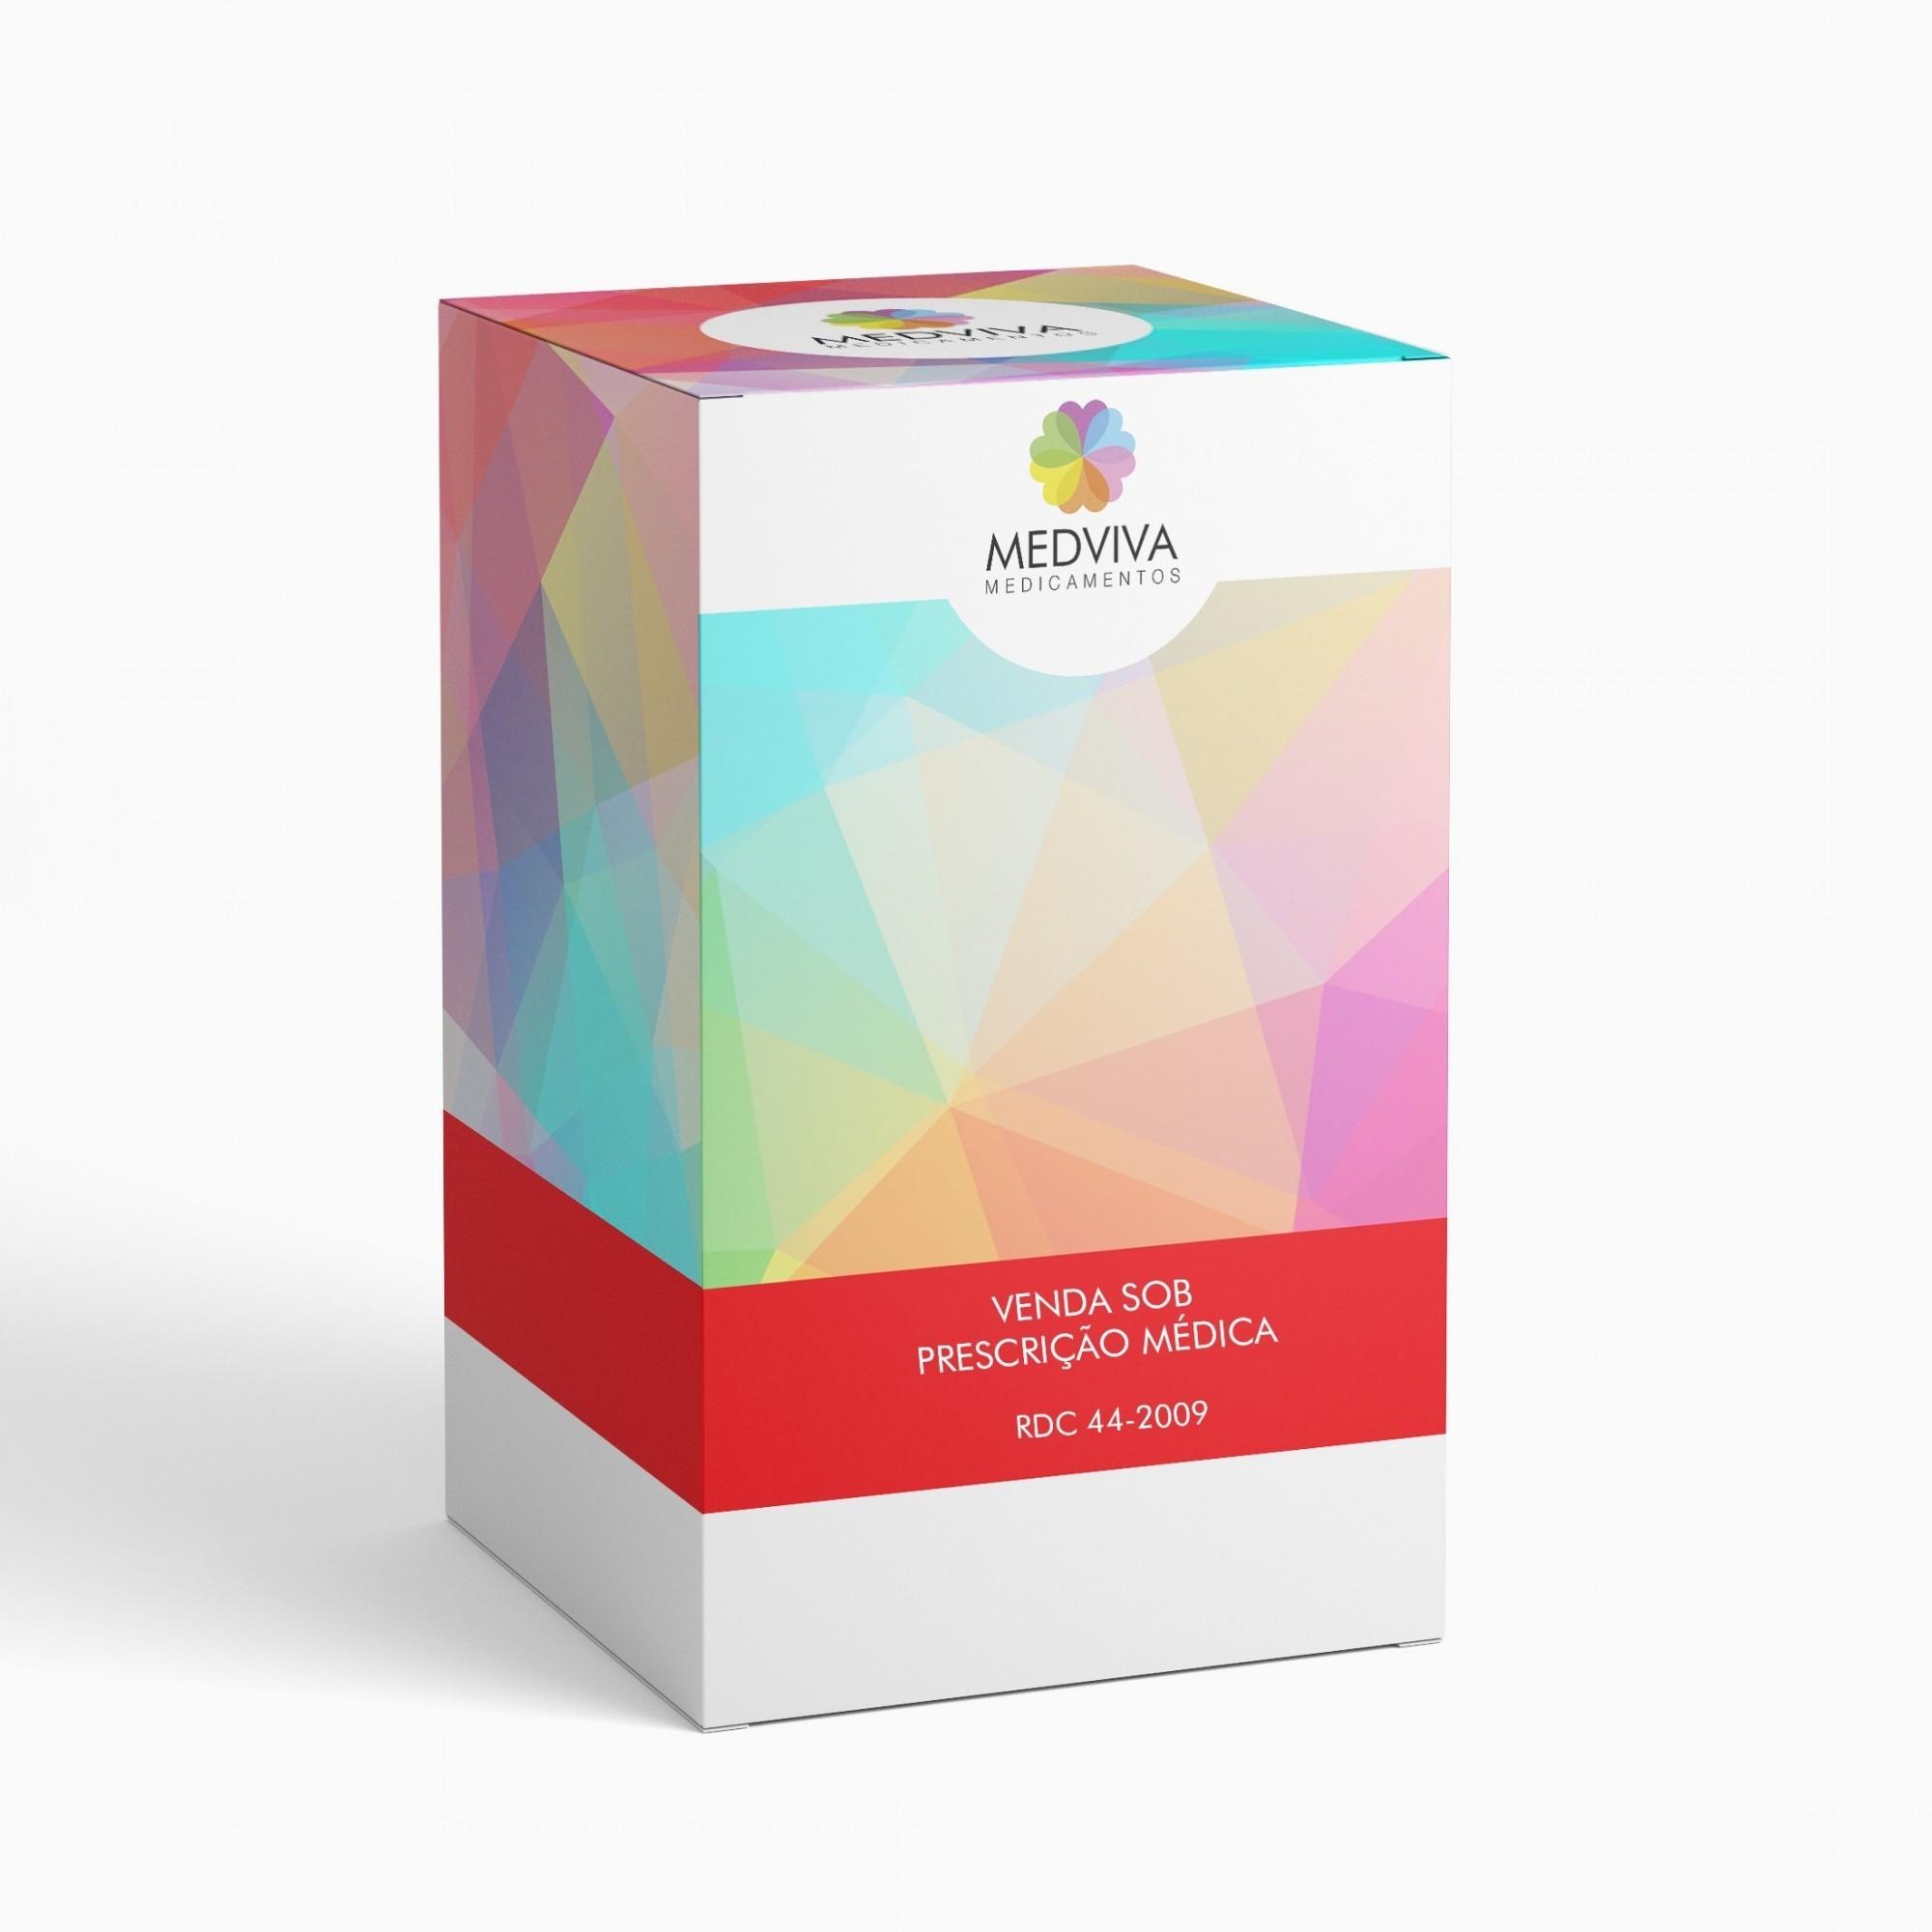 ELONVA 100MCG SOL. INJ. 1 SER, 0,5ML